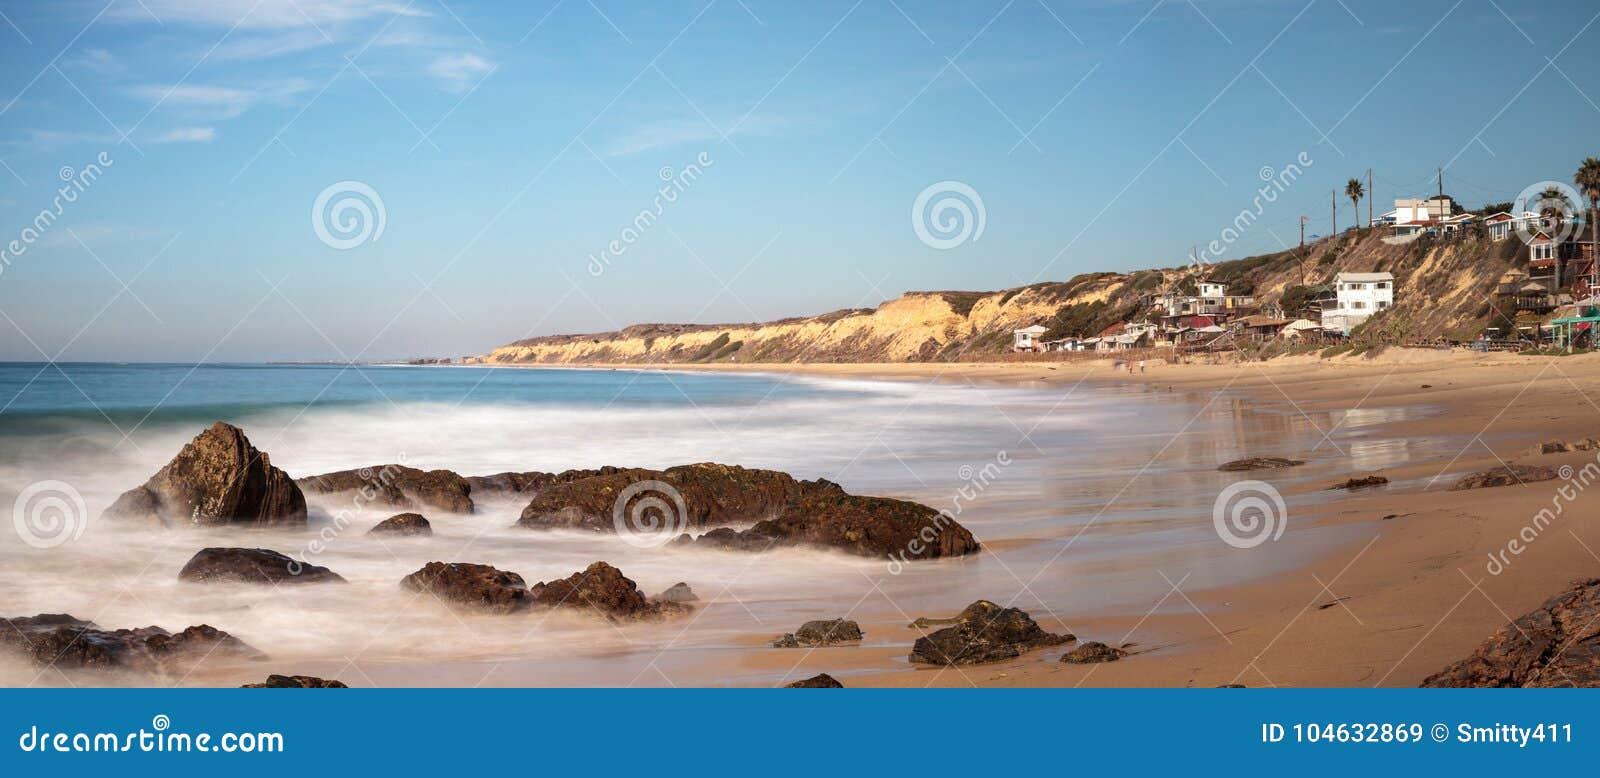 Download Rotsachtige Kust Met Strandplattelandshuisjes Die Crystal Cove State Park B Voeren Stock Afbeelding - Afbeelding bestaande uit kustlijn, rotsen: 104632869